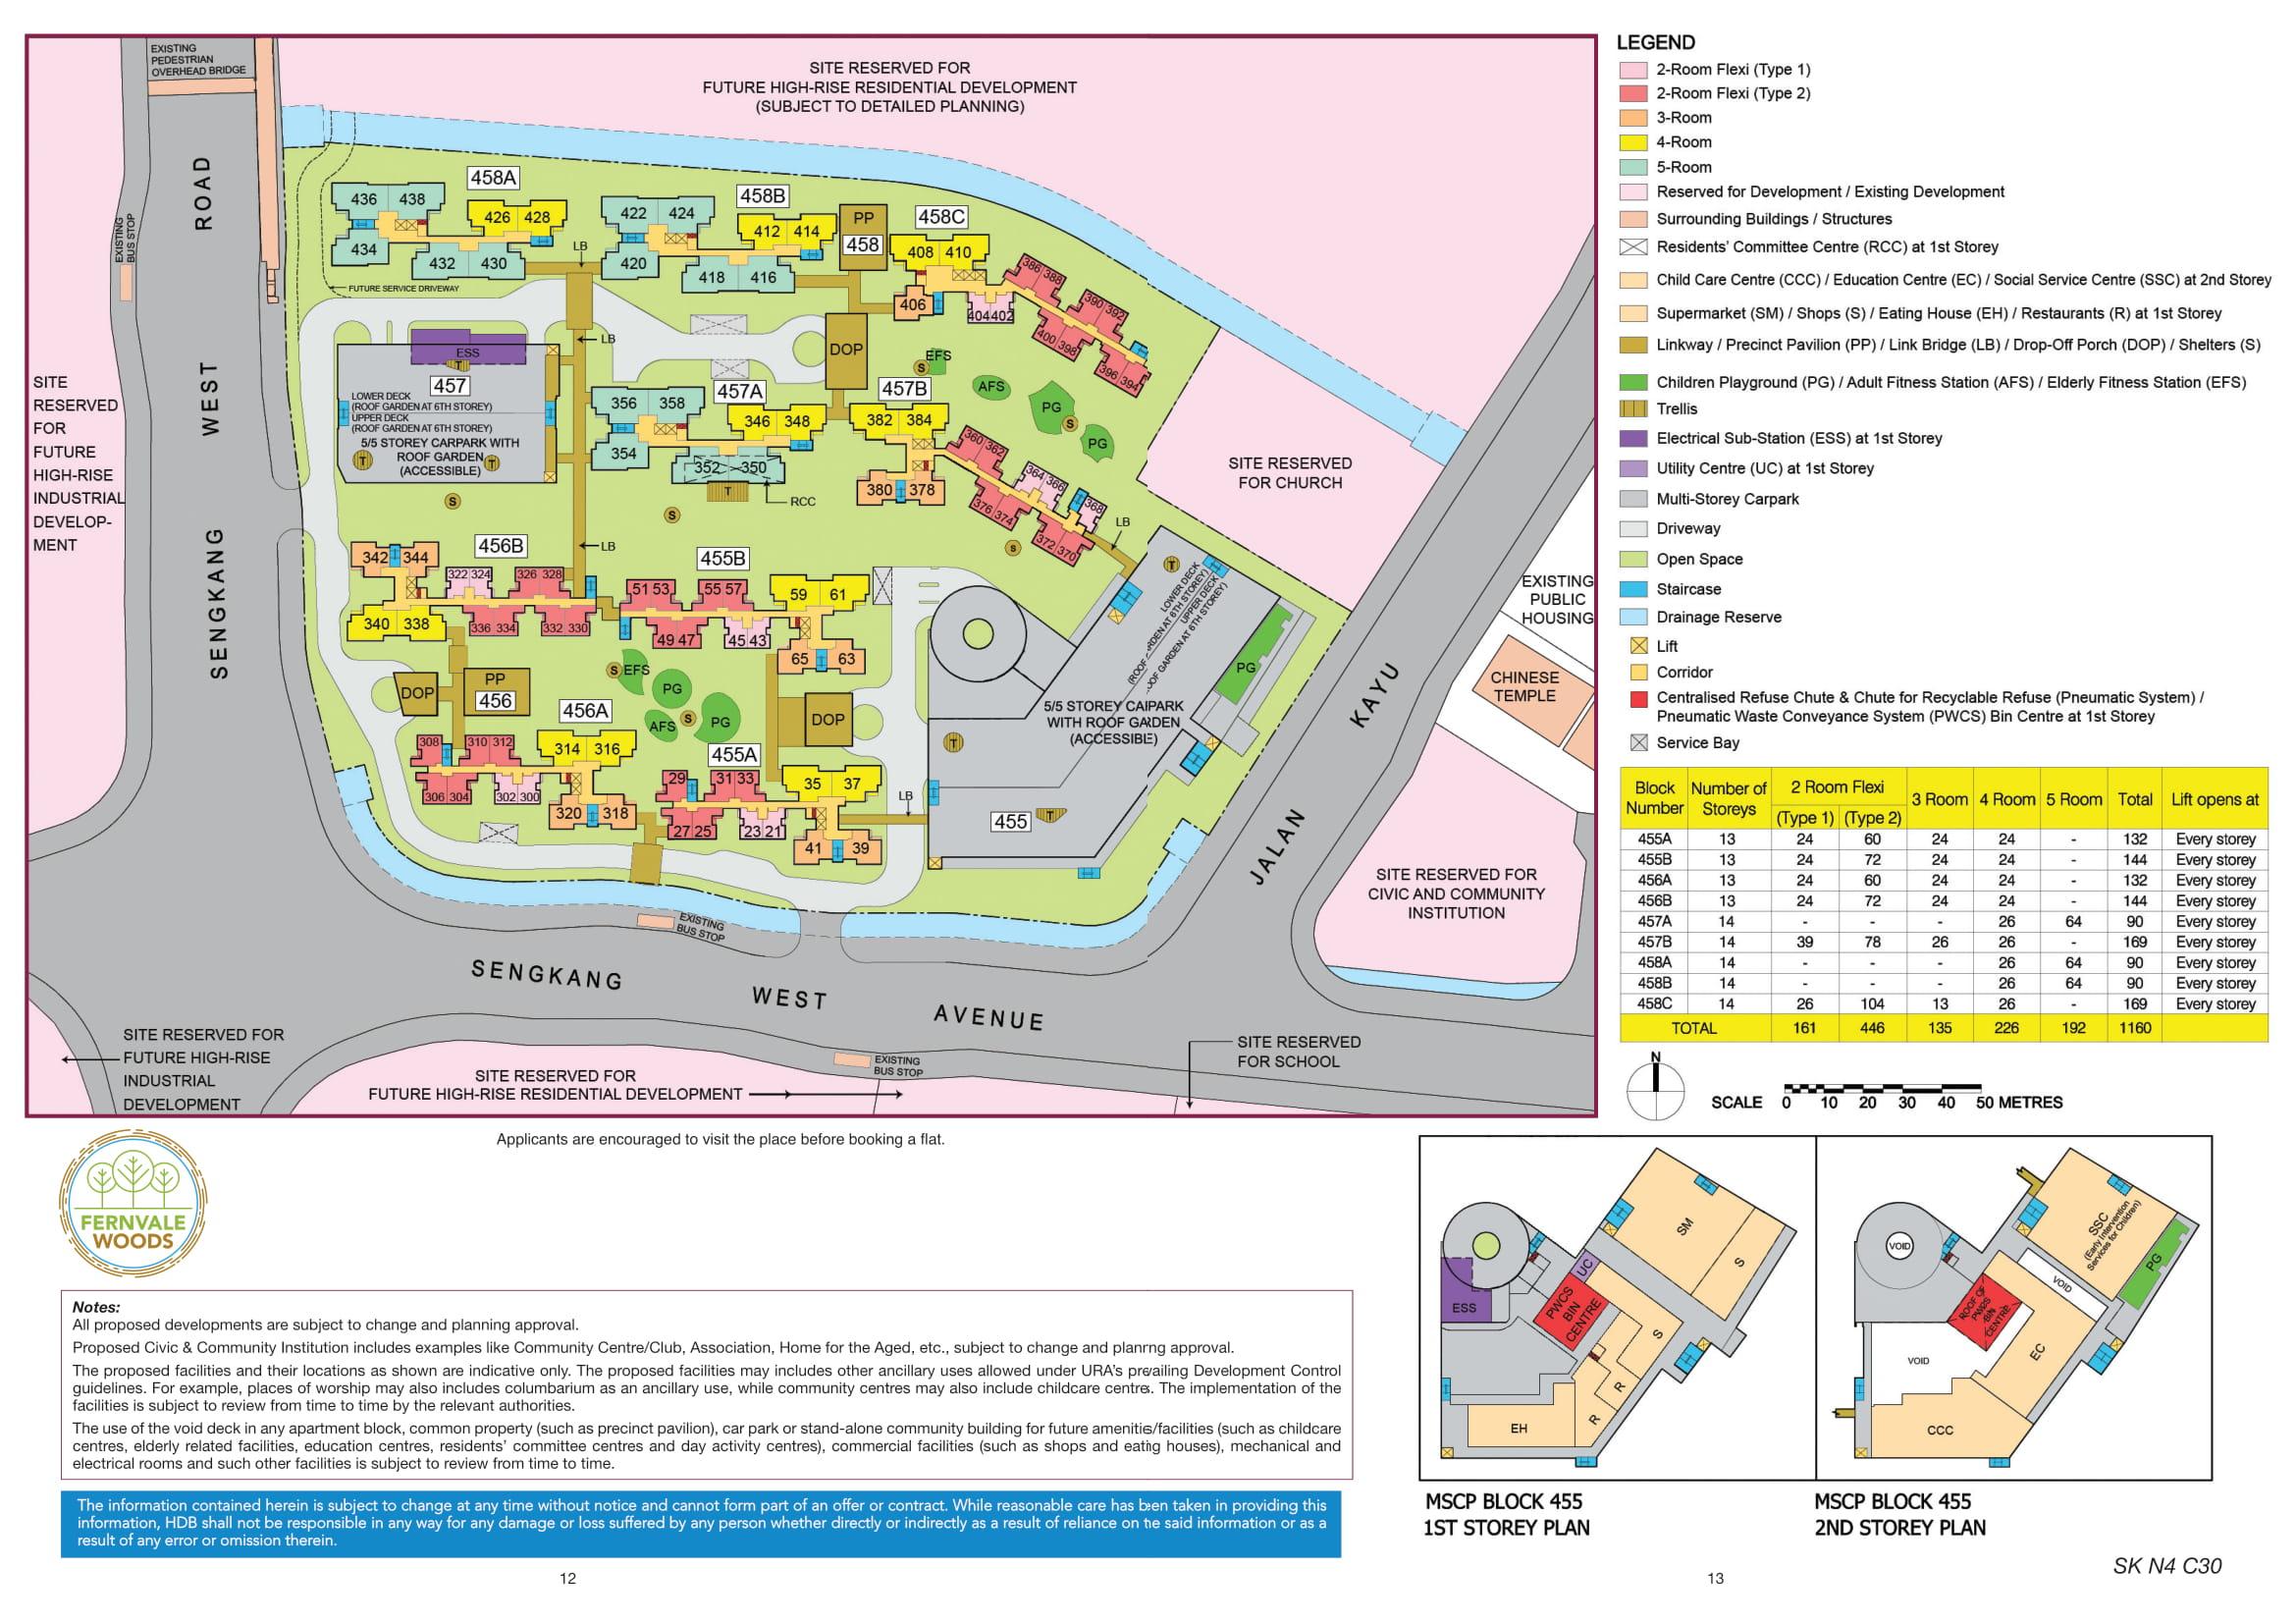 Fernvale Woods Site Plan